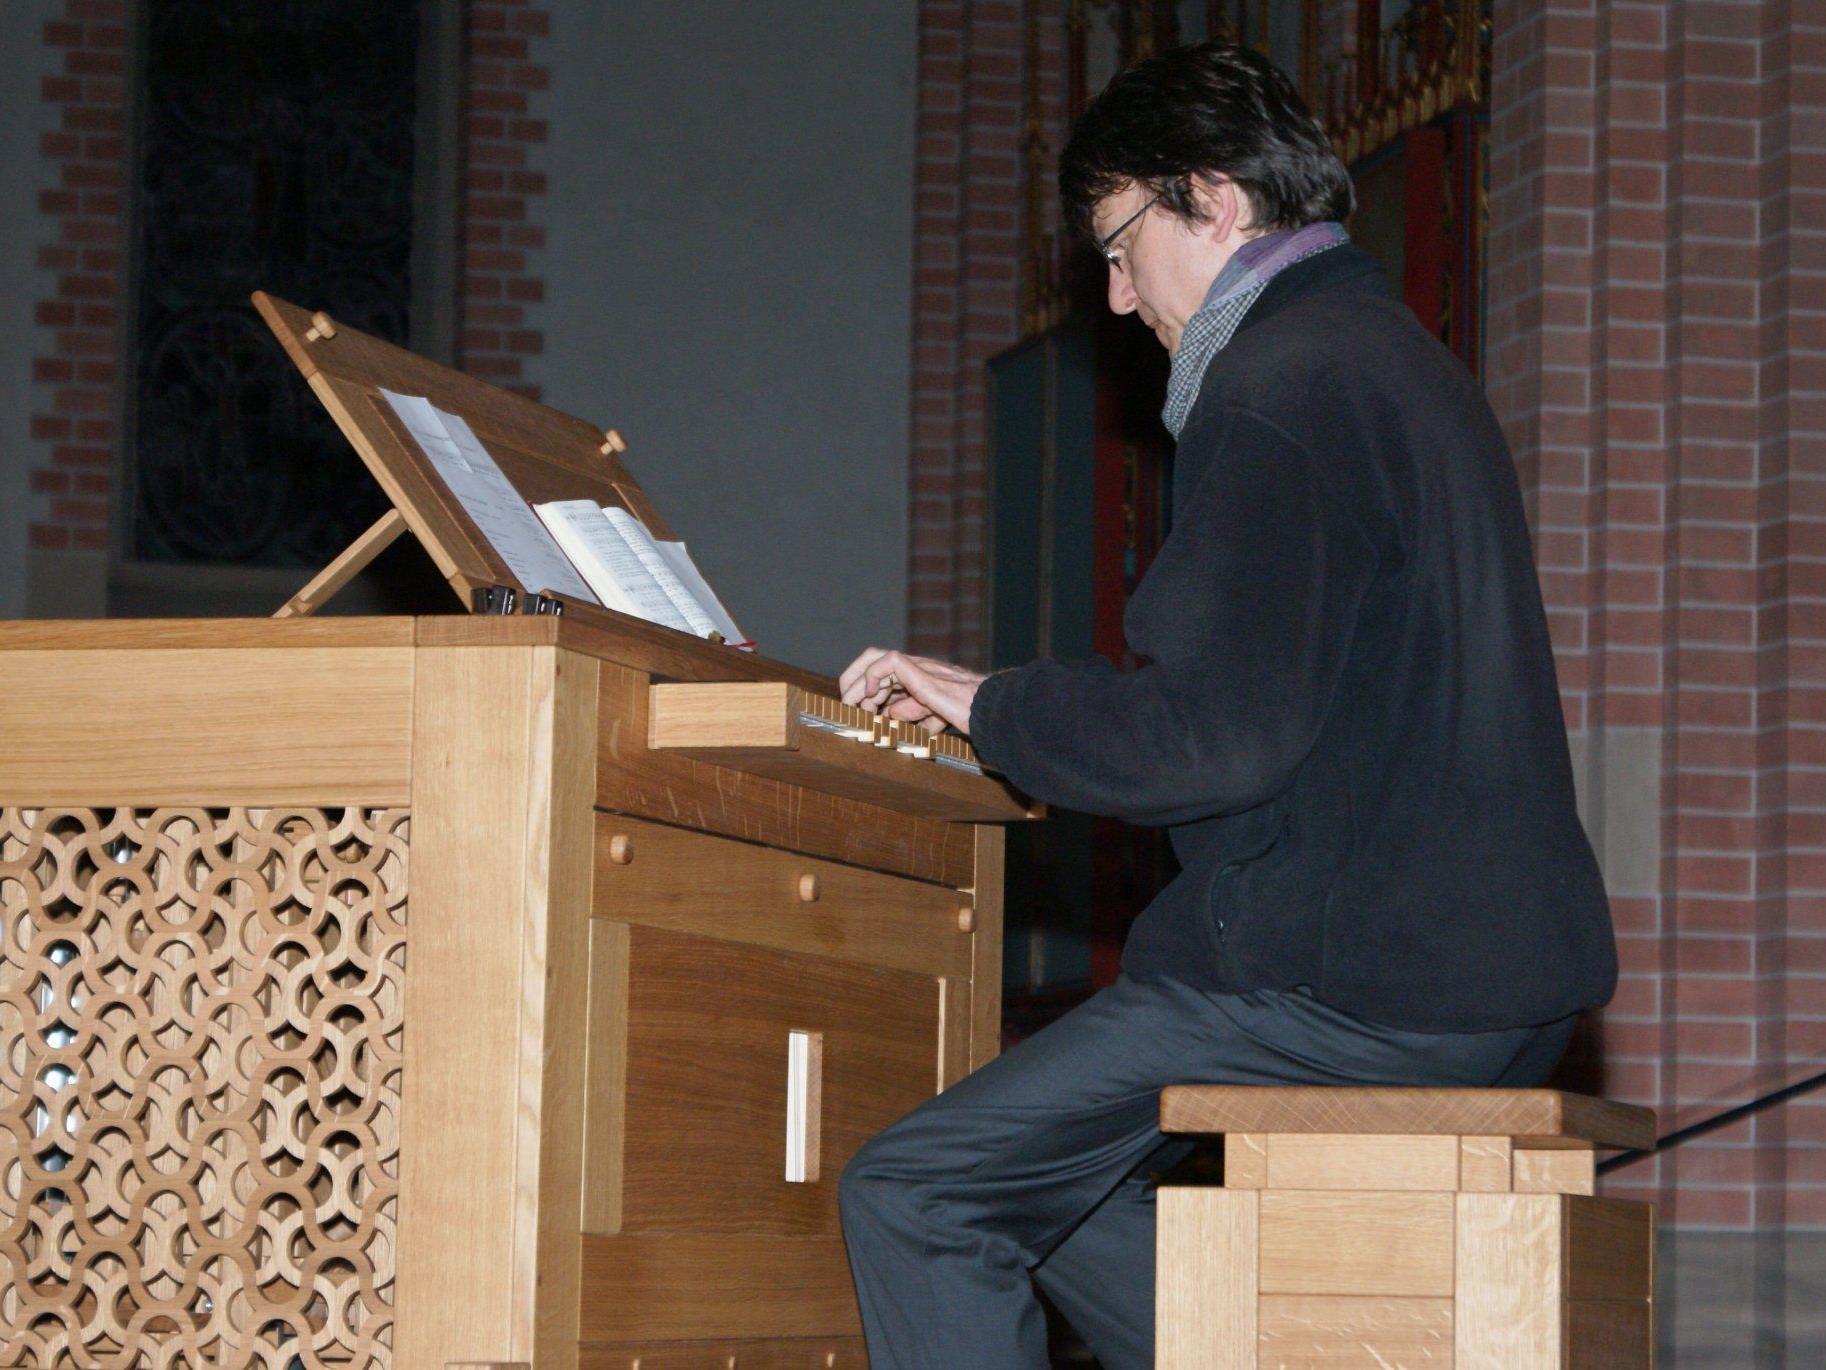 Prof. Helmut Binder an der neuen Truhenorgel